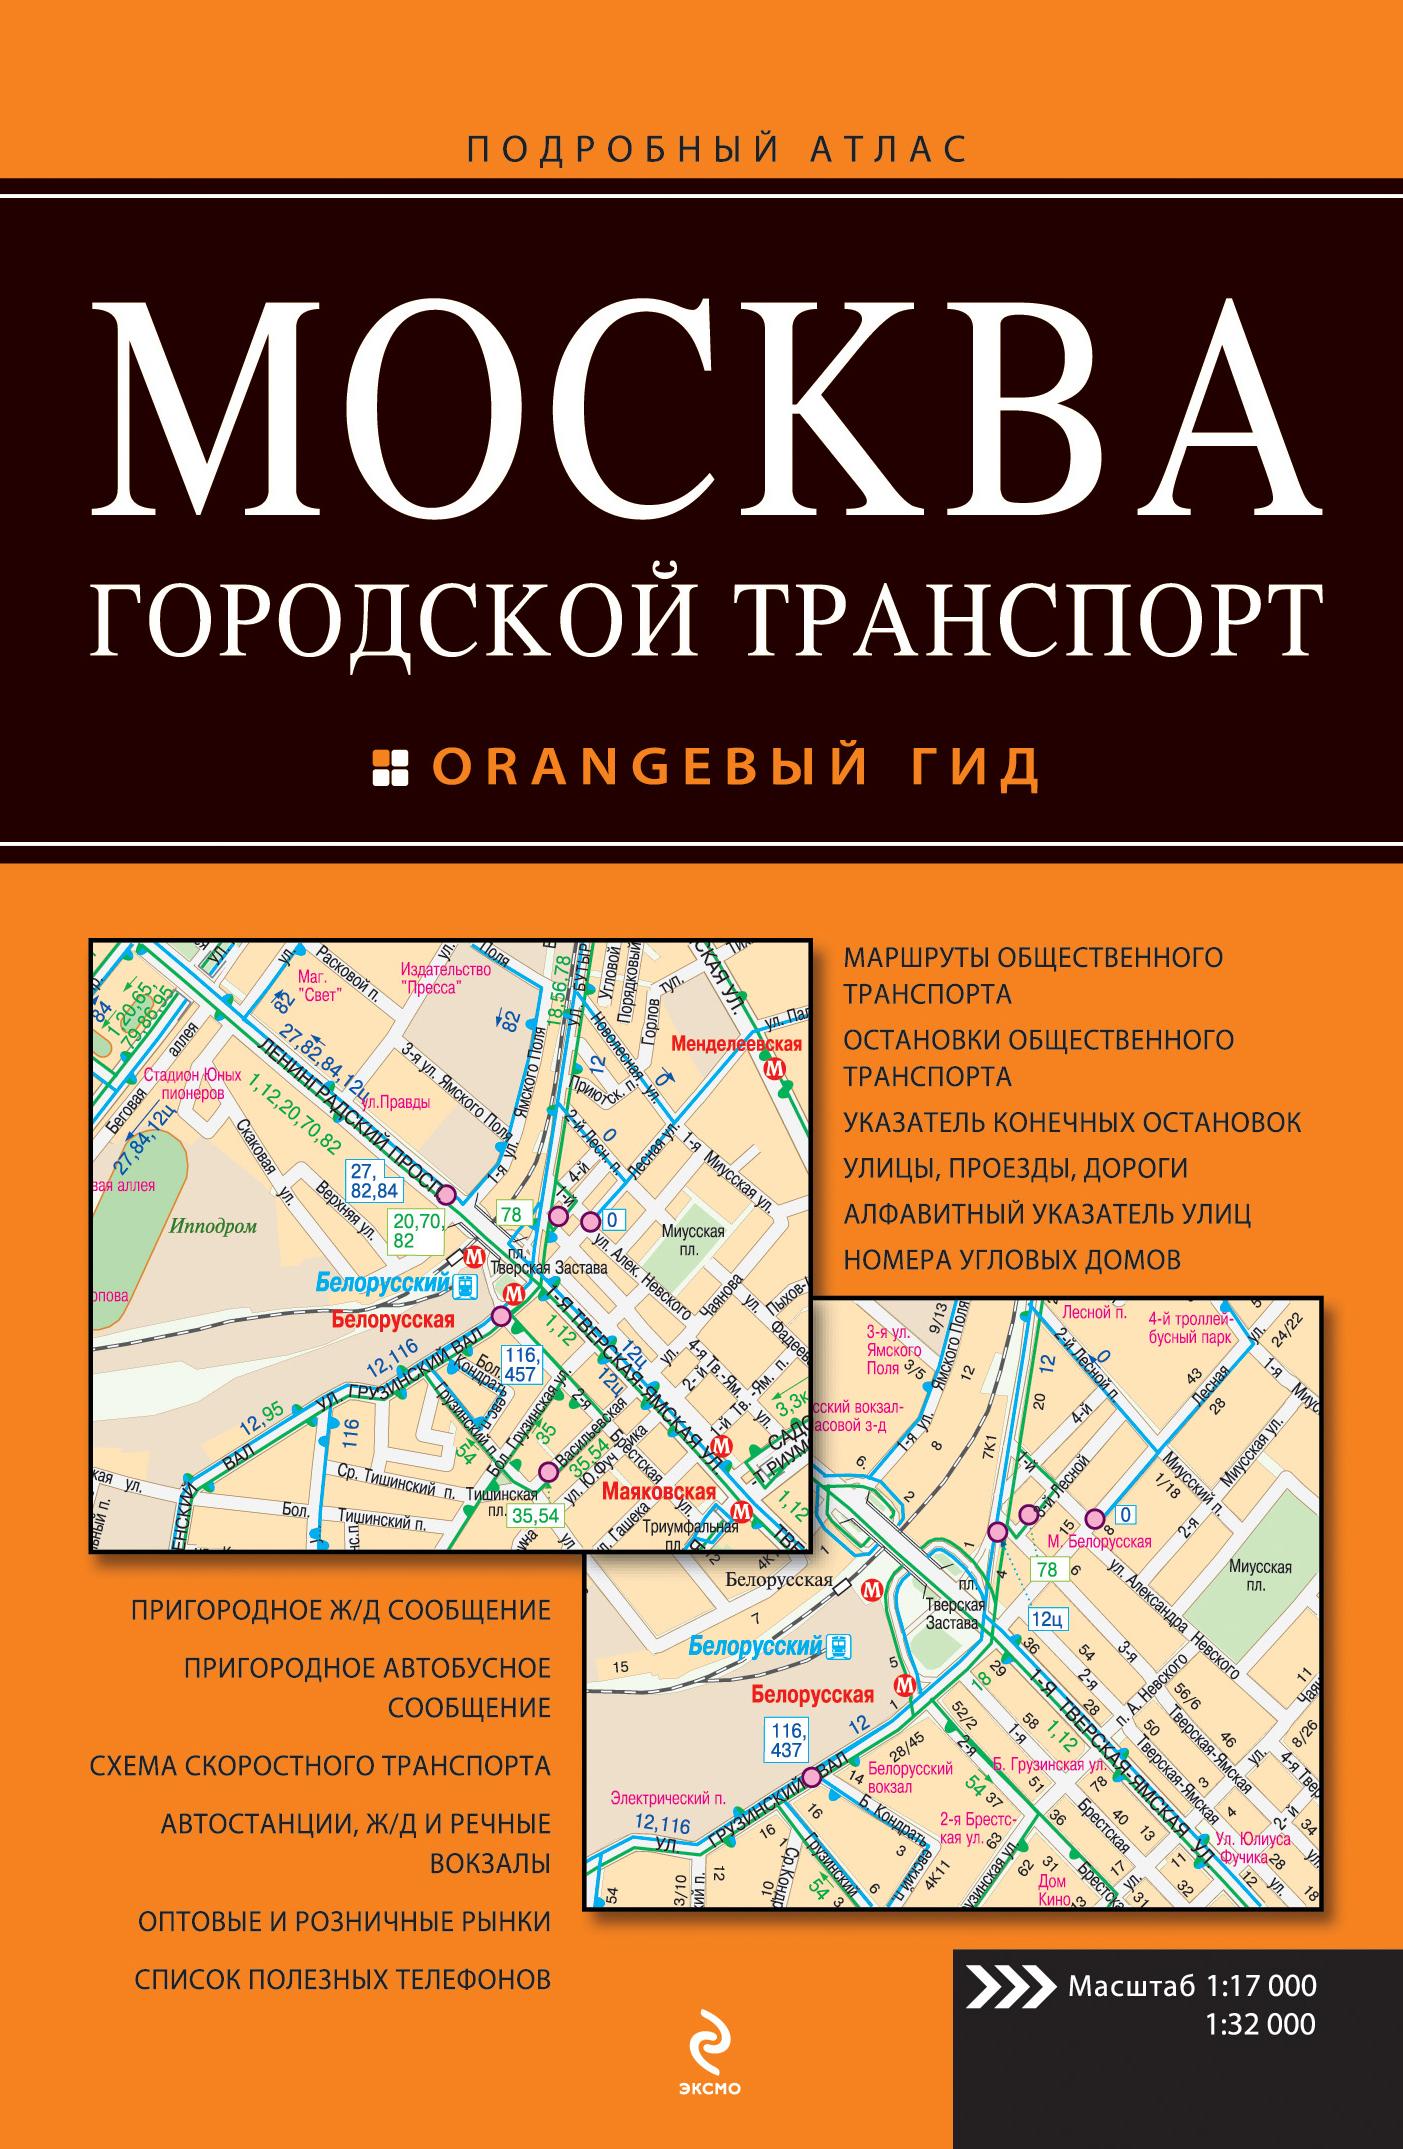 Москва. Городской транспорт. Подробный атлас